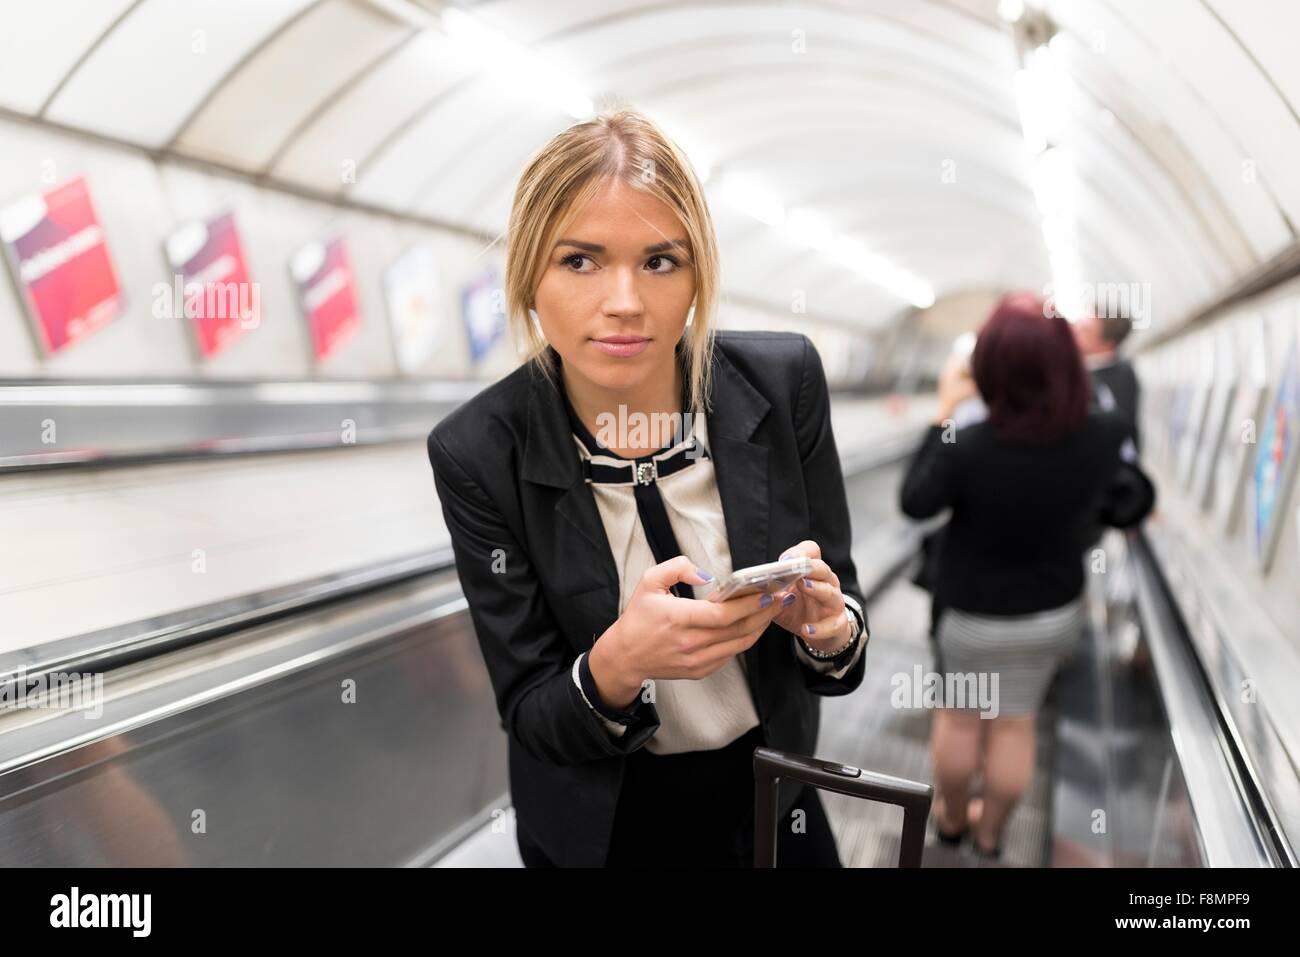 La empresaria texting en escaleras mecánicas, Metro de Londres, Reino Unido Imagen De Stock